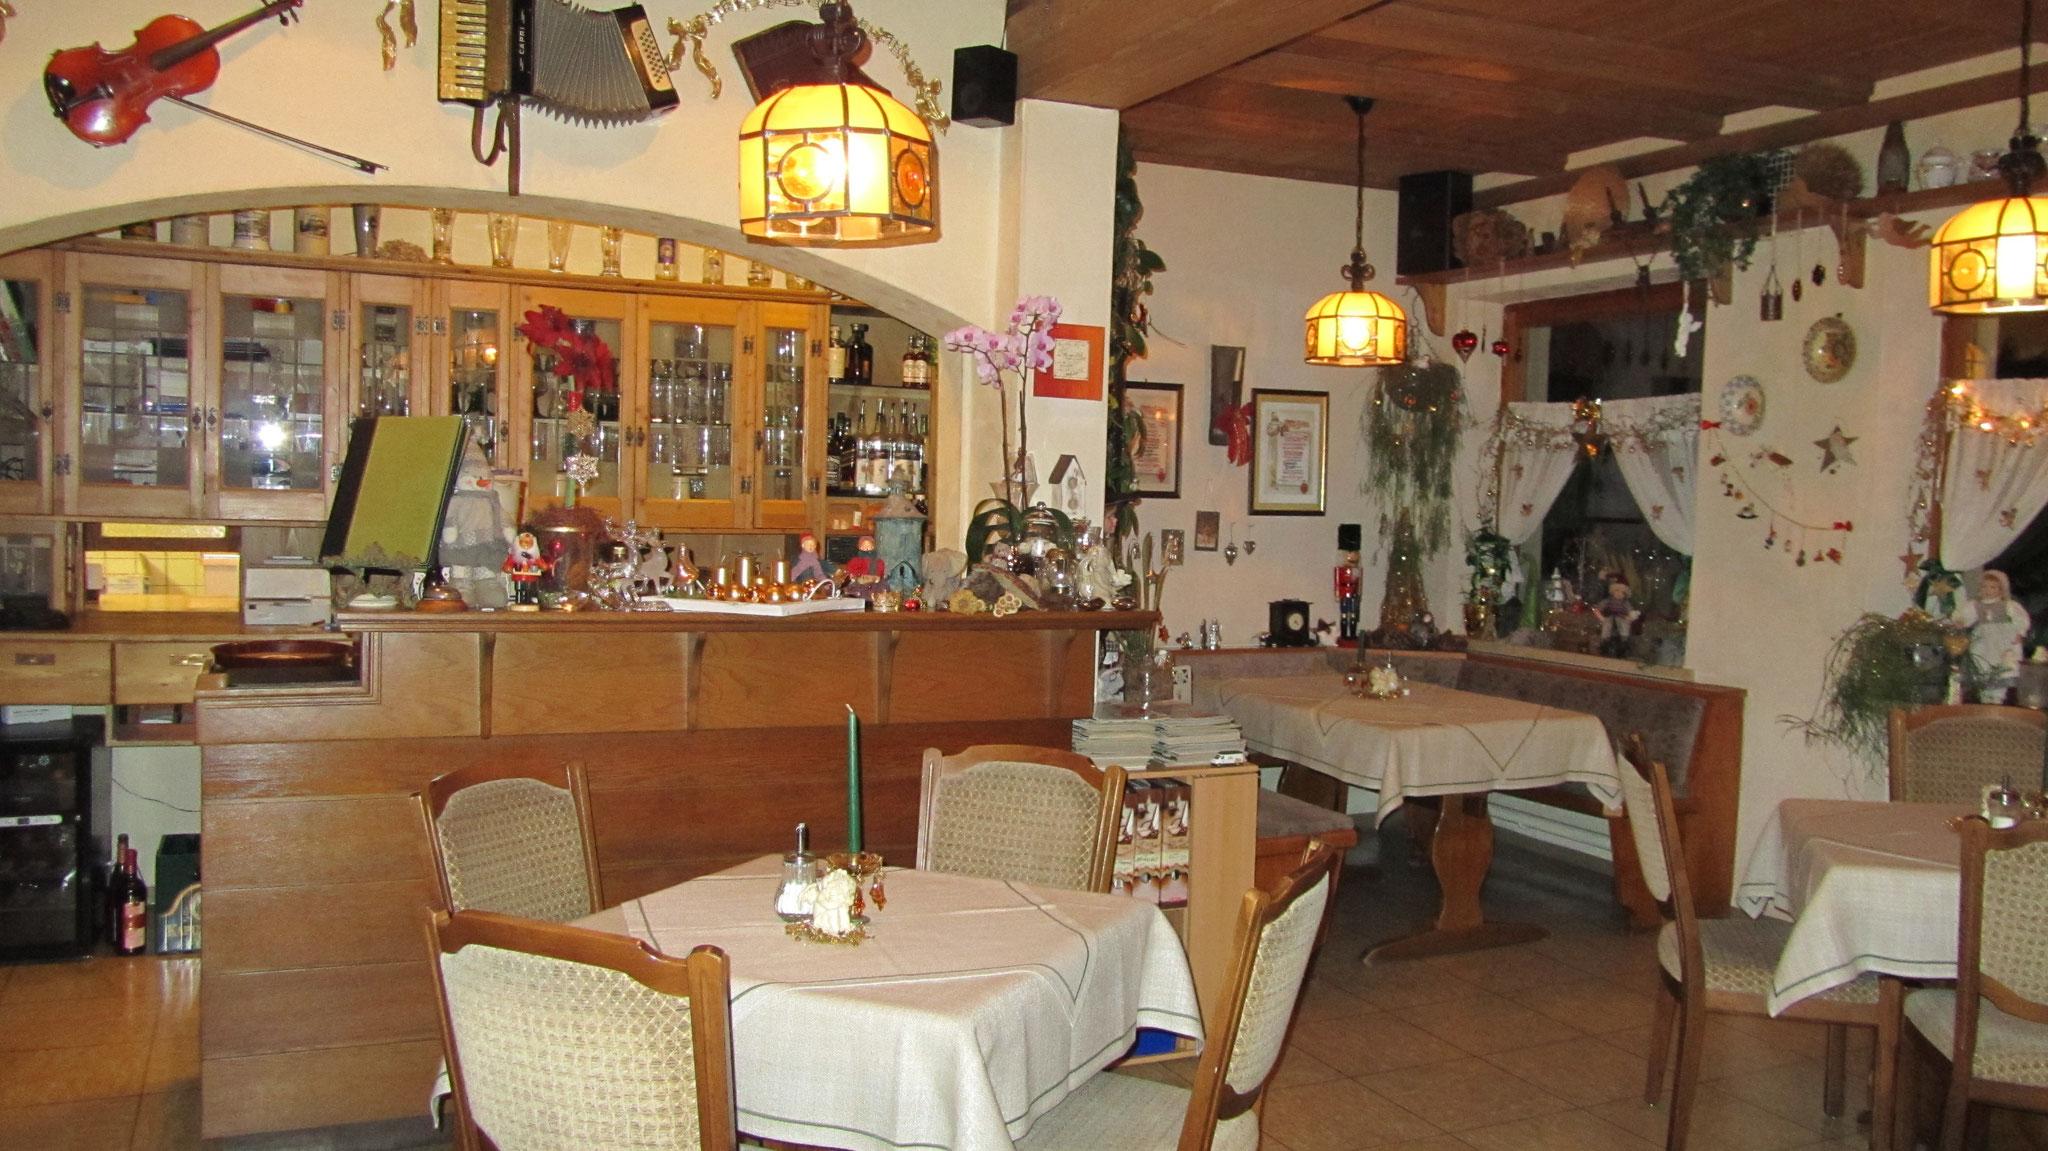 Unser gemütliches Lokal im Landgasthof Bieger Ebermannstadt.